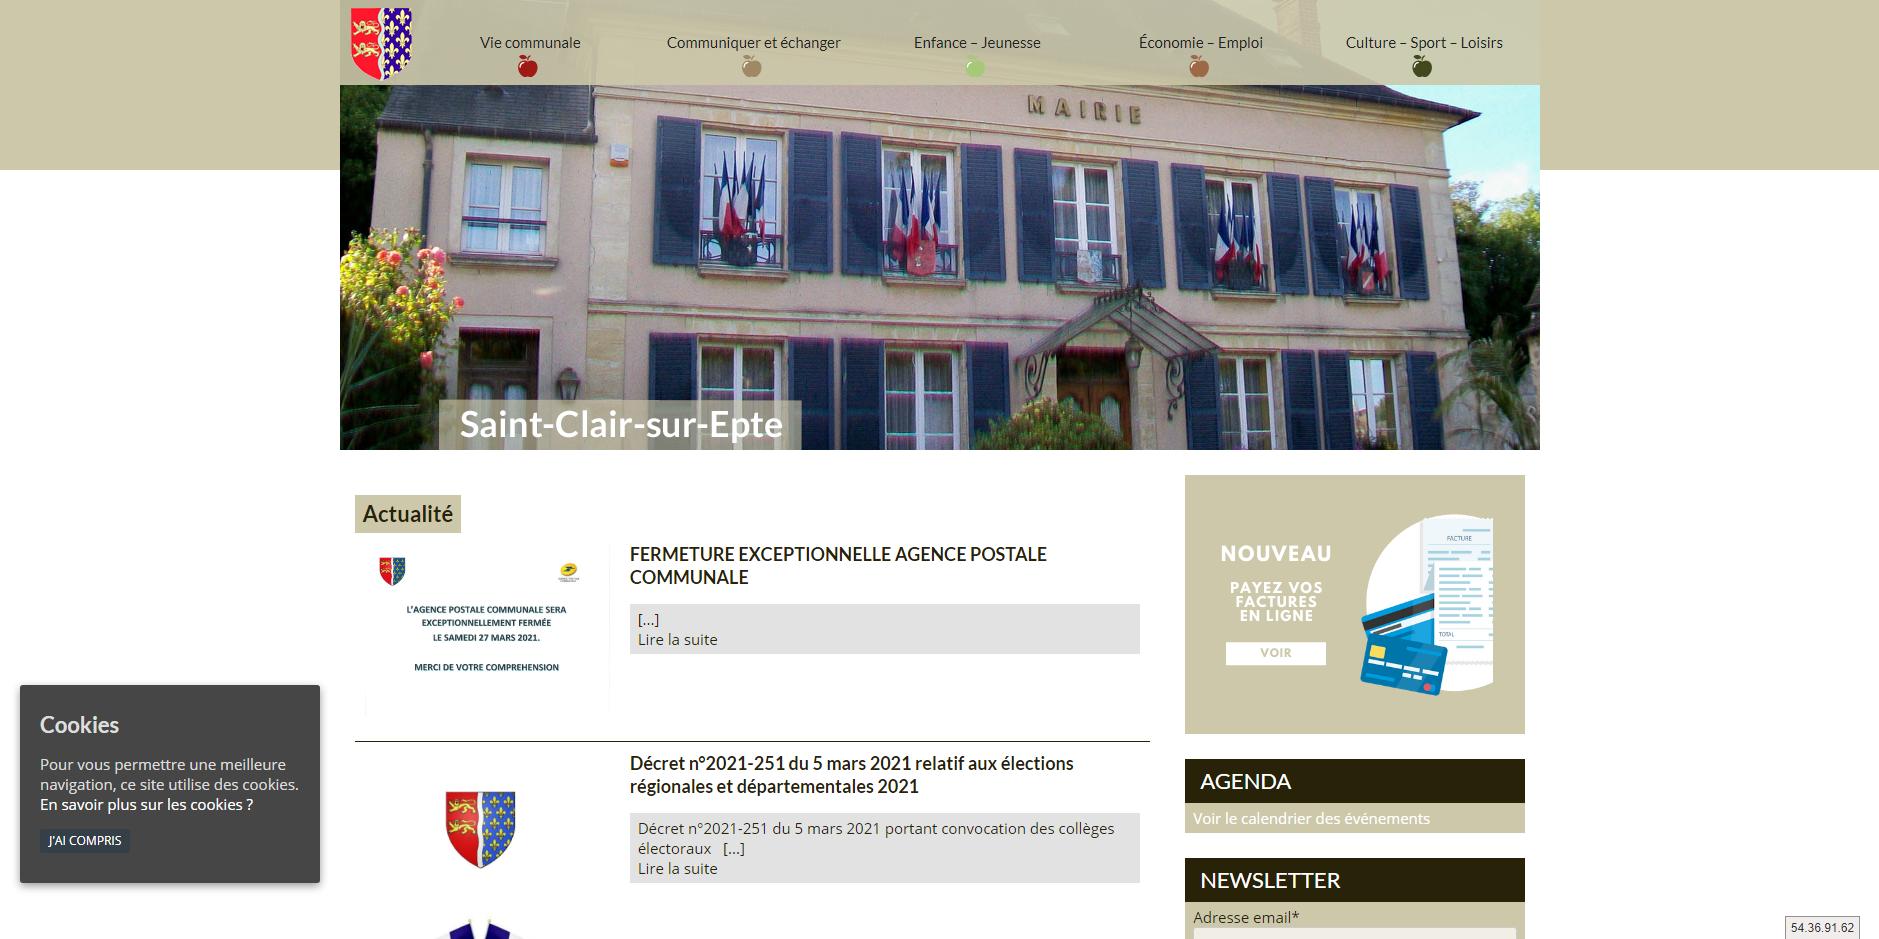 conception du site de Saint-Clair-sur-Epte par l'union des maires du Val-d'Oise